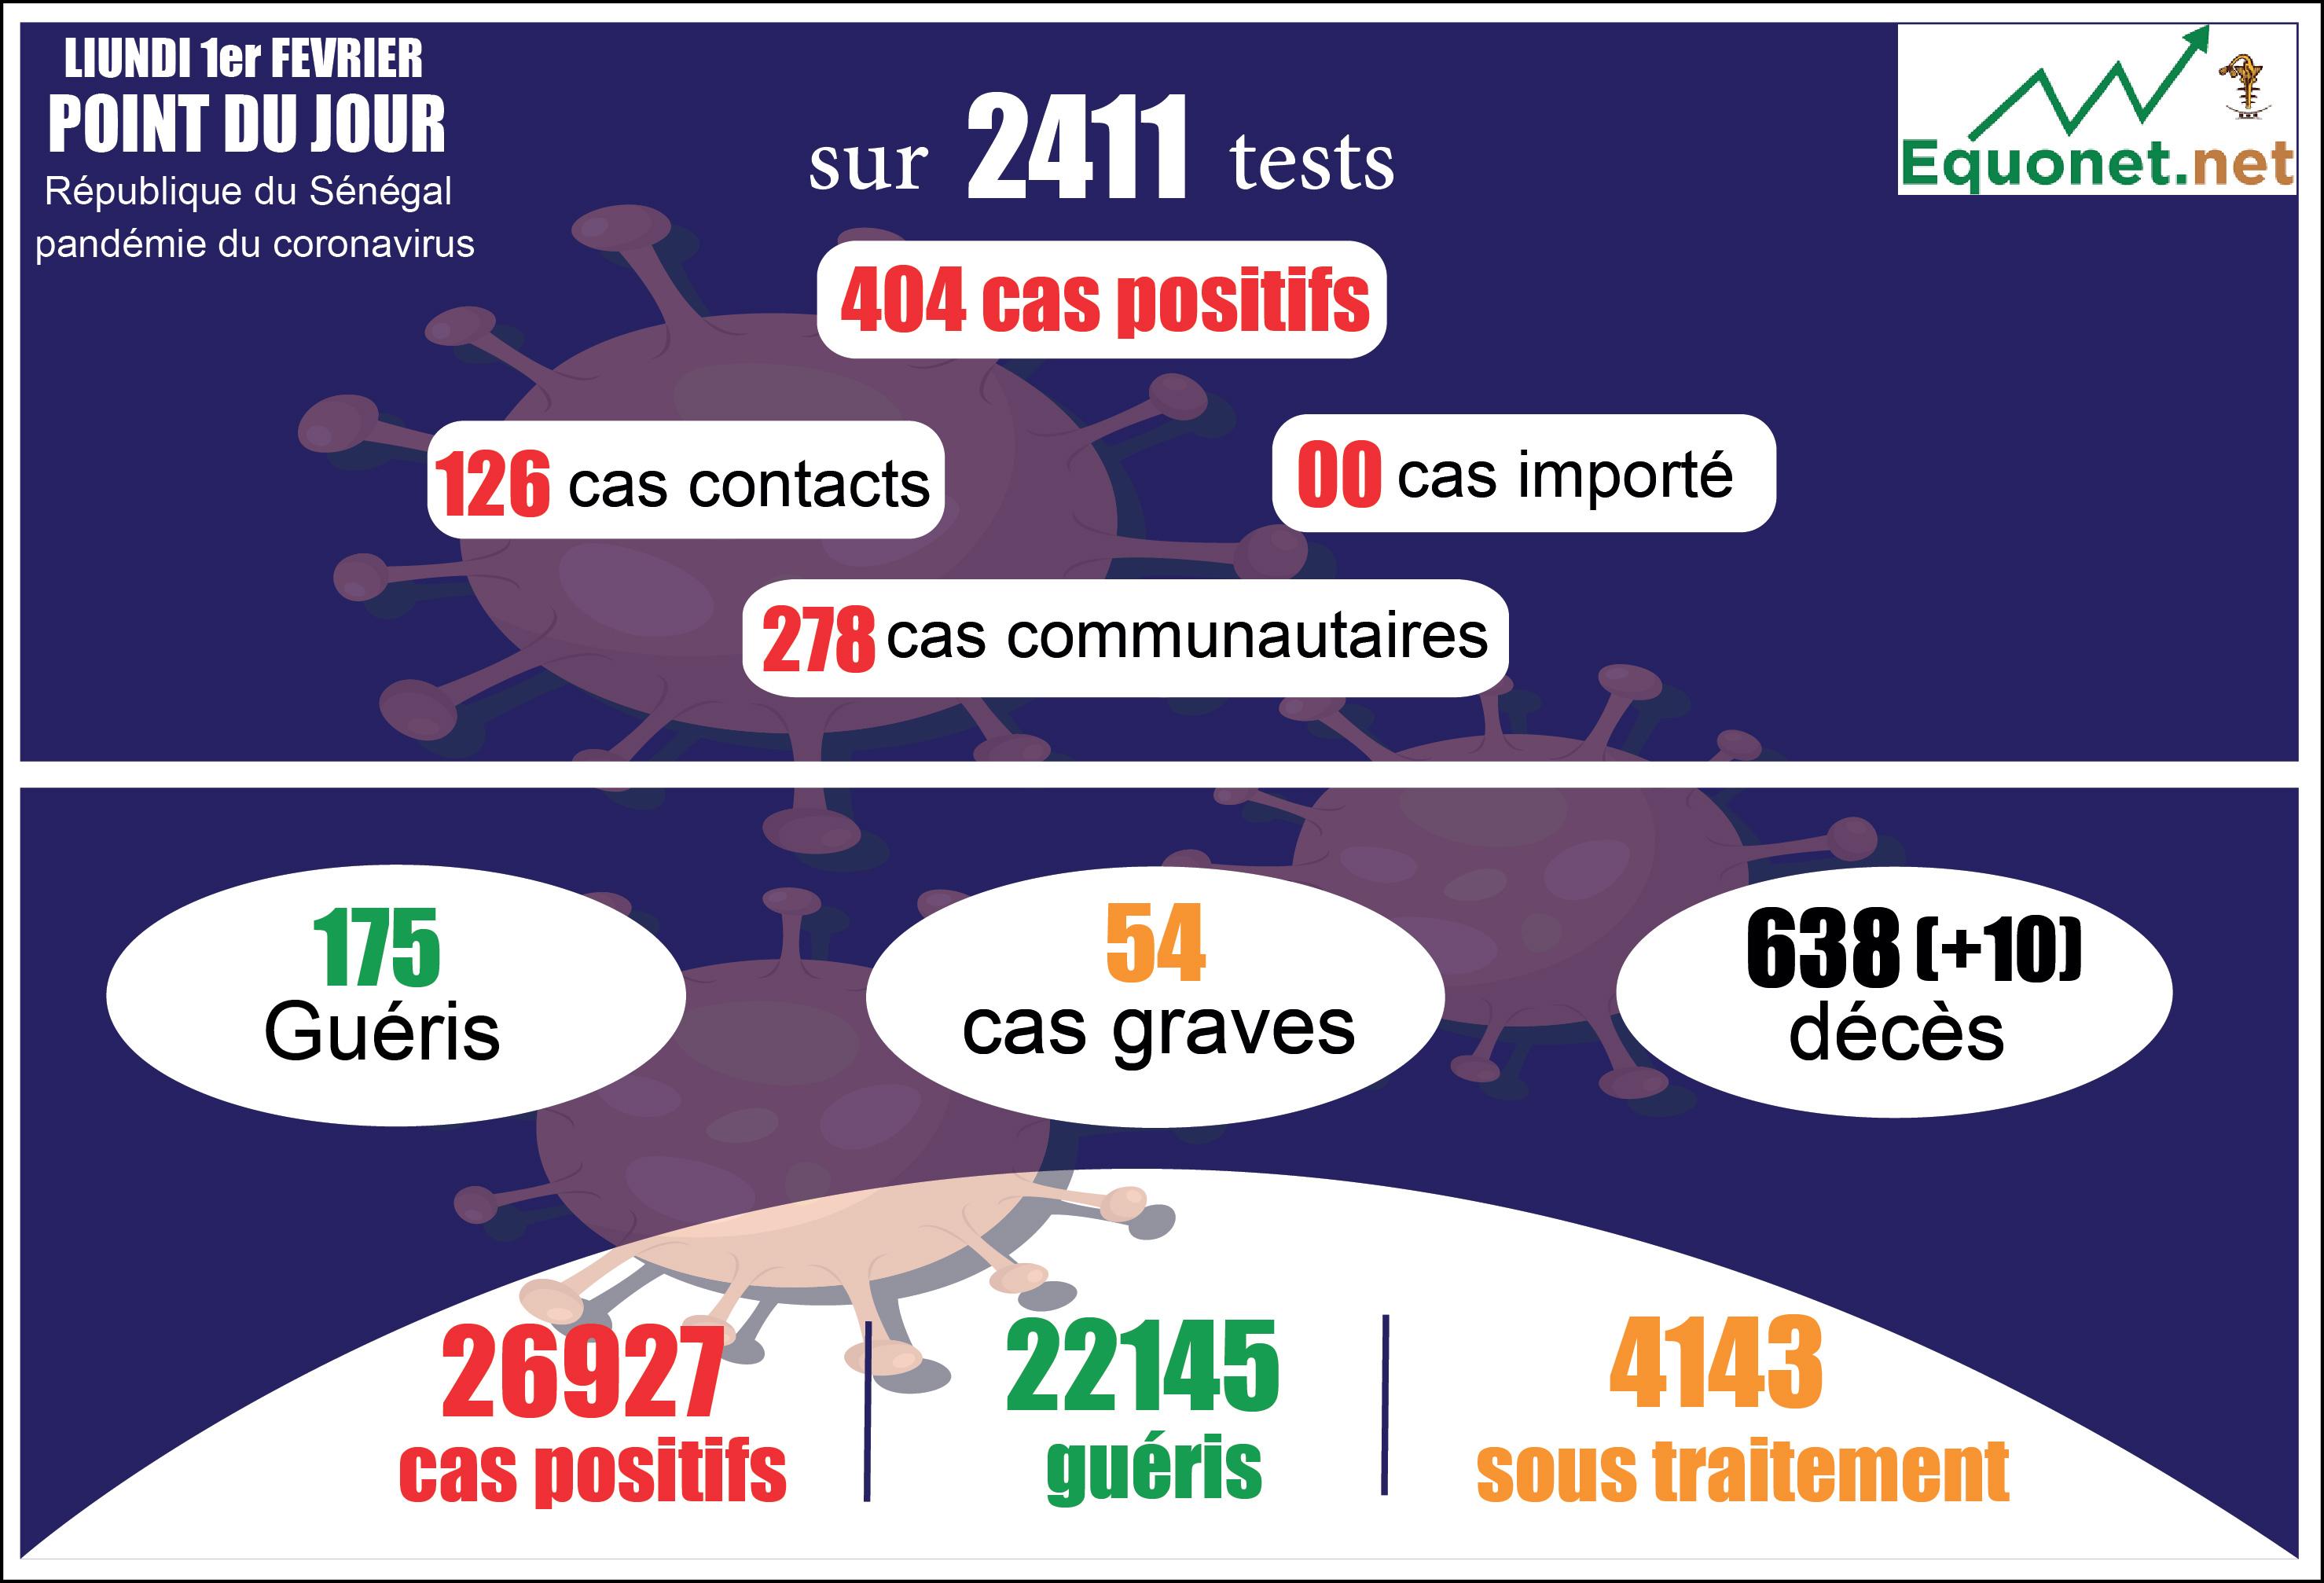 pandémie du coronavirus-covid-19 au sénégal : 278 cas communautaires et 10 décès enregistrés ce lundi 1er février 2021